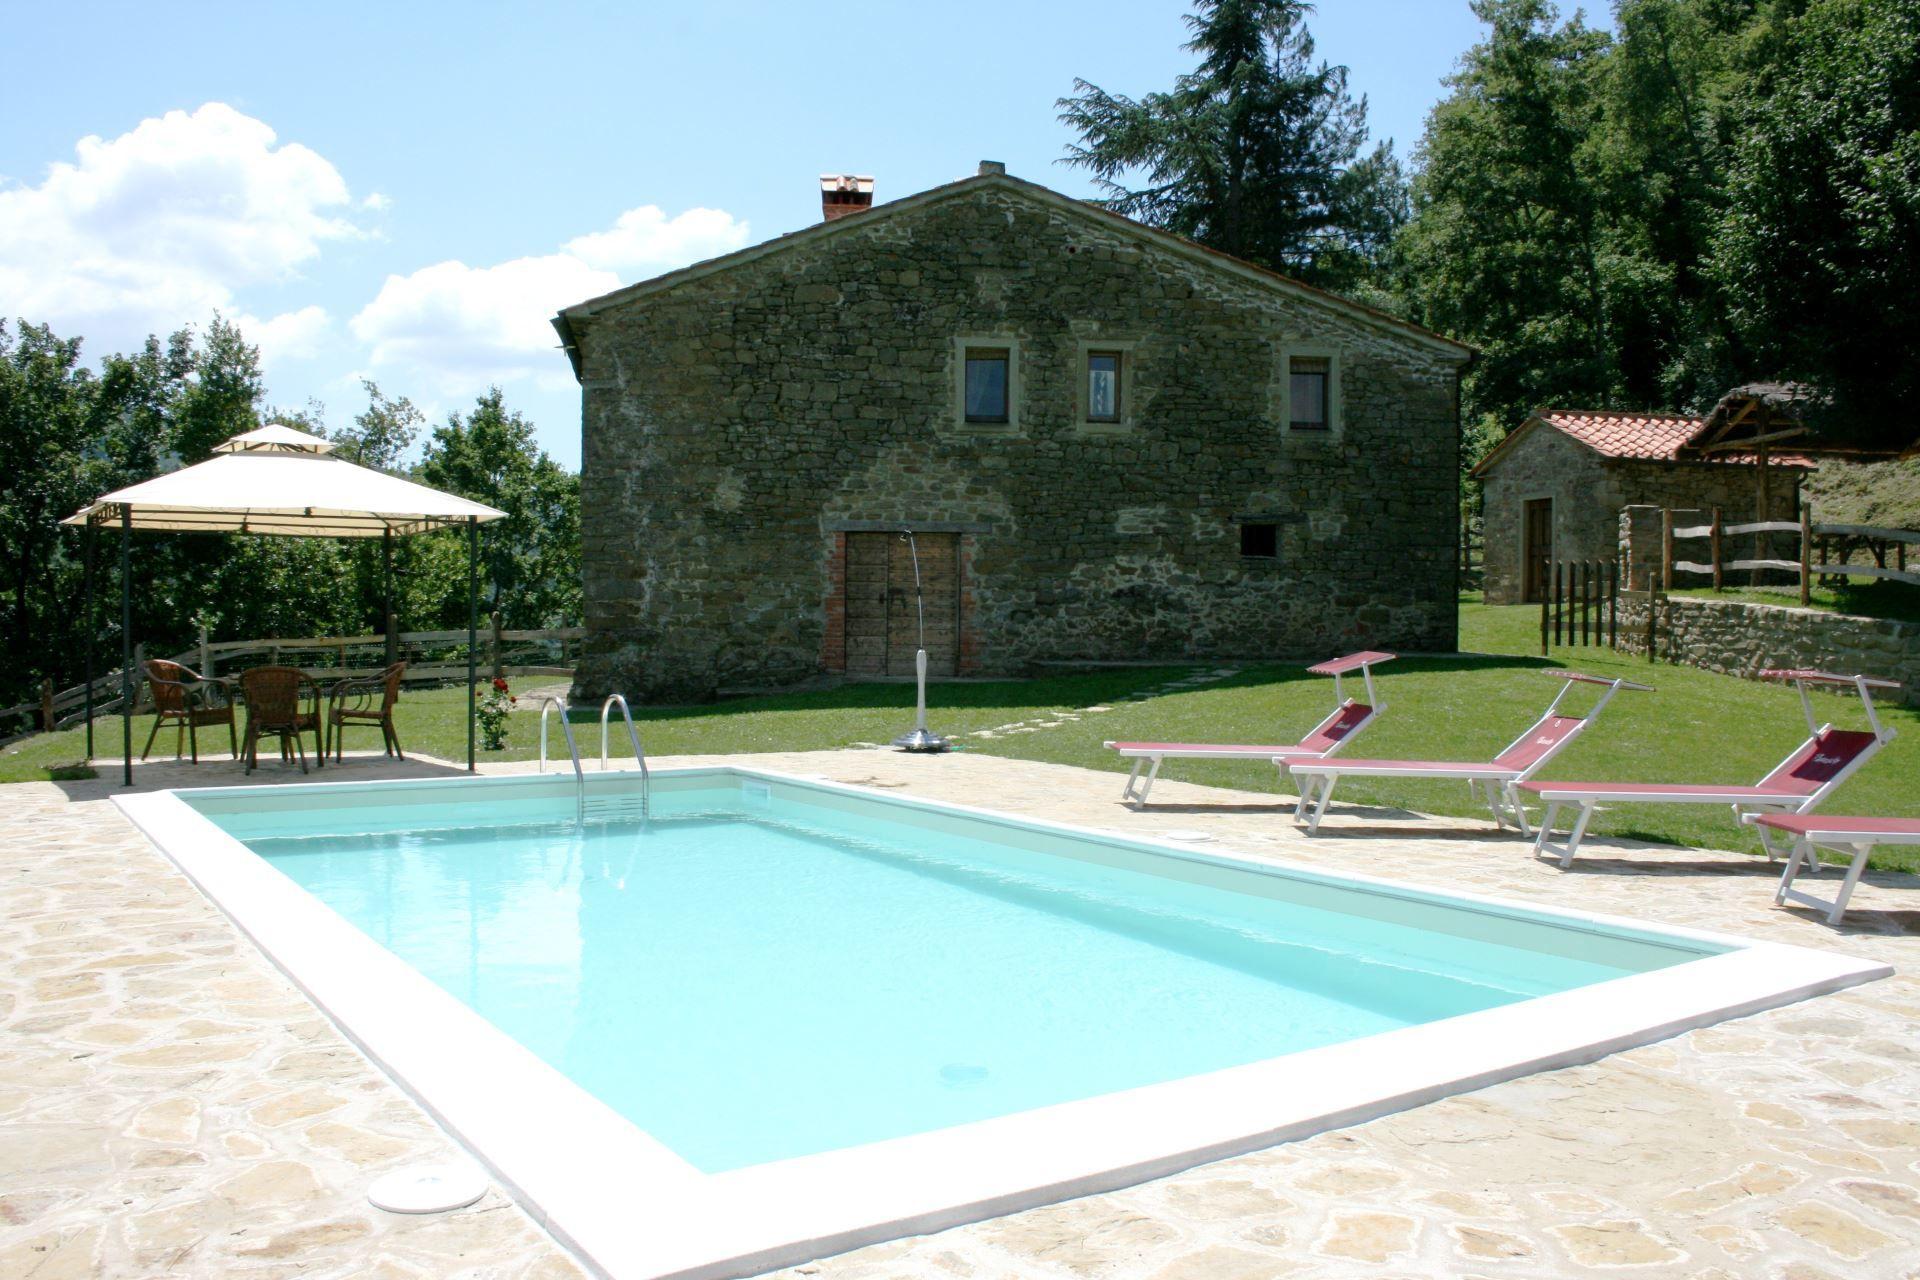 Ca De Tonco Location De Vacances - Couchages 5 Dans 3 ... concernant Location Maison De Vacances Avec Piscine Privée